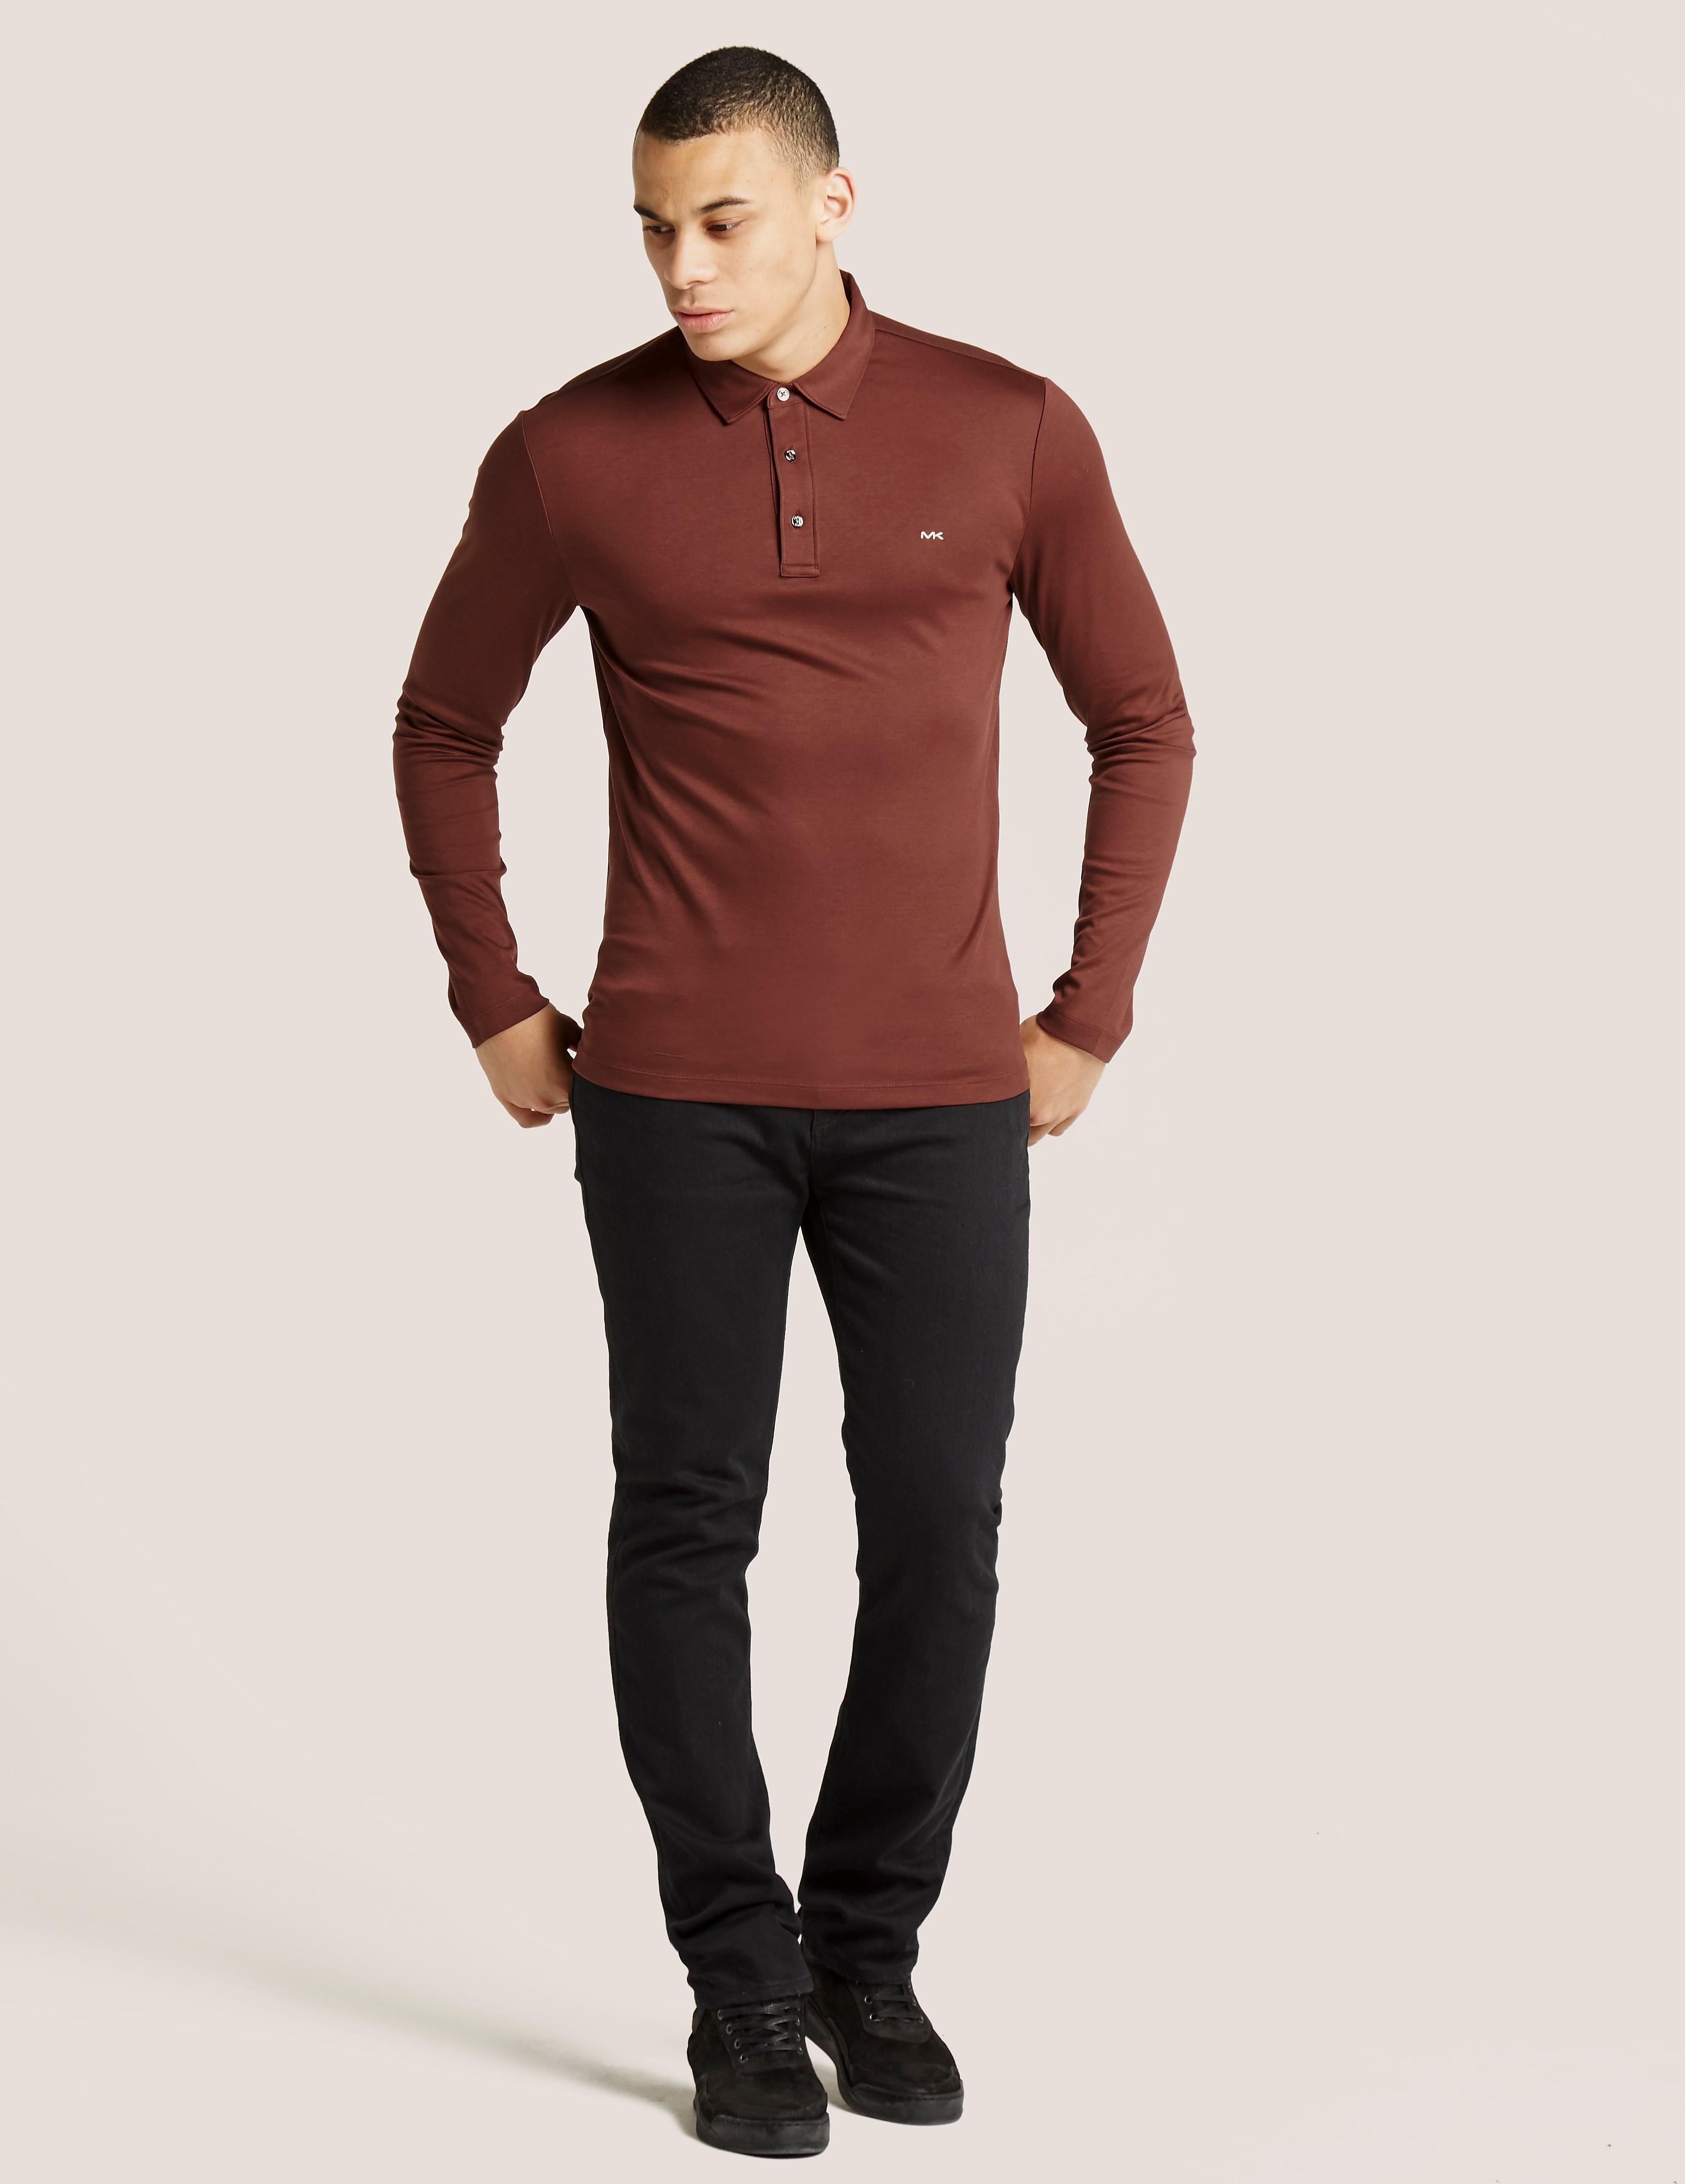 Michael Kors Long Sleeve Sleek Polo Shirt